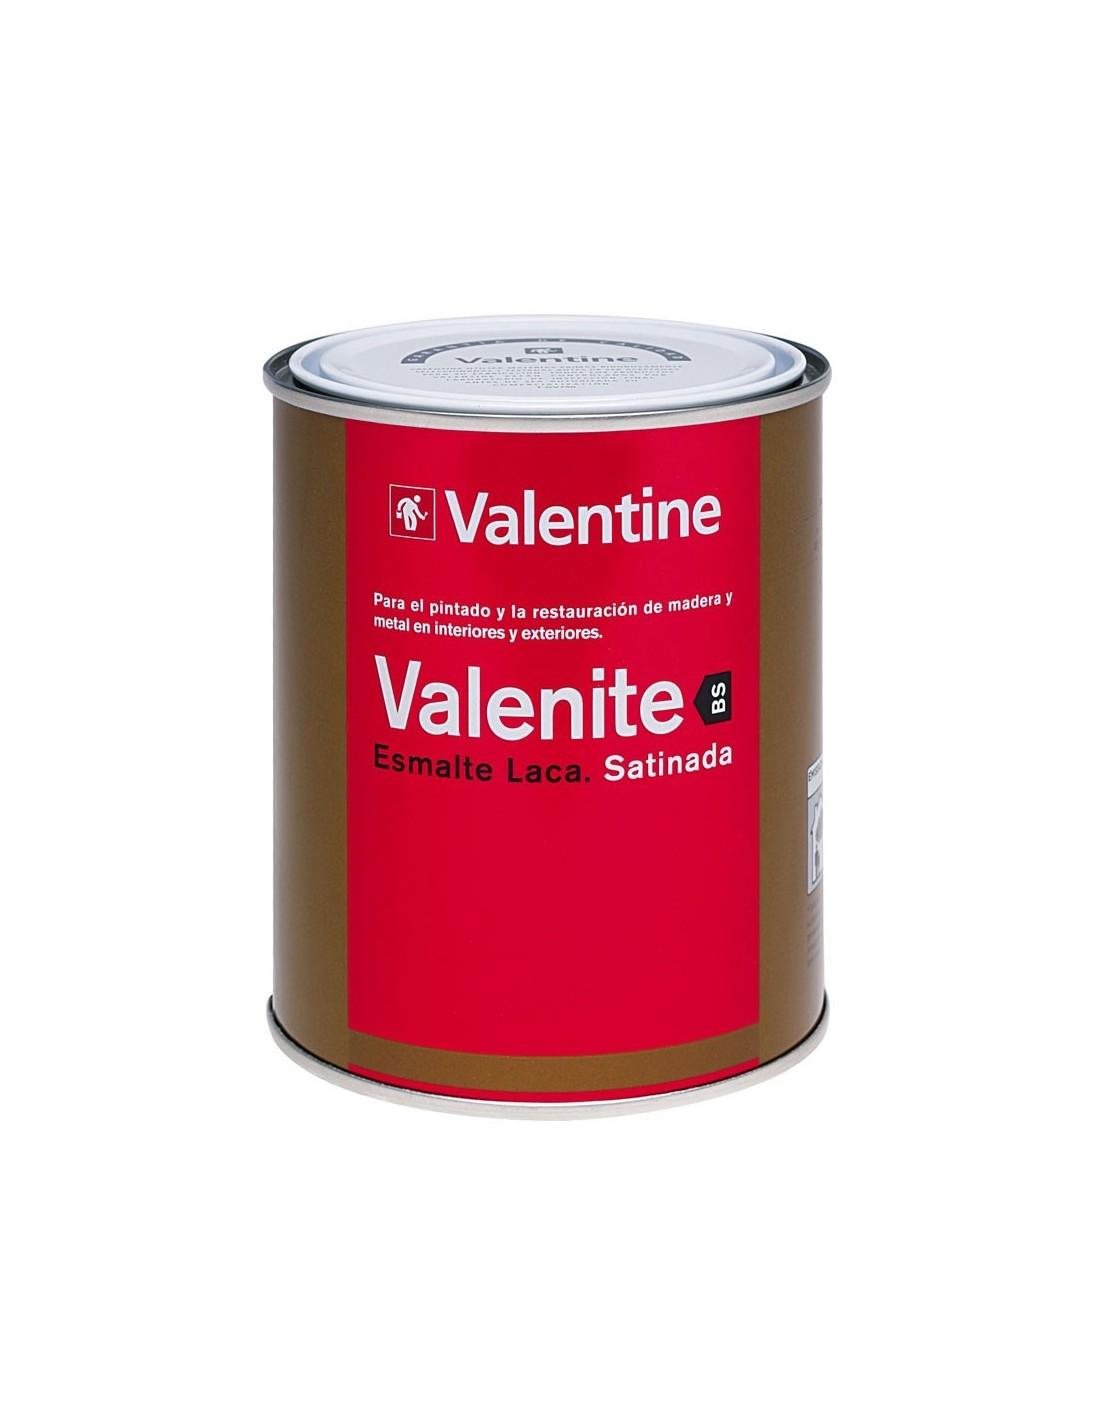 Valentine esmalte laca satinada blanco pinturas m laga sol - Pintura satinada blanca ...